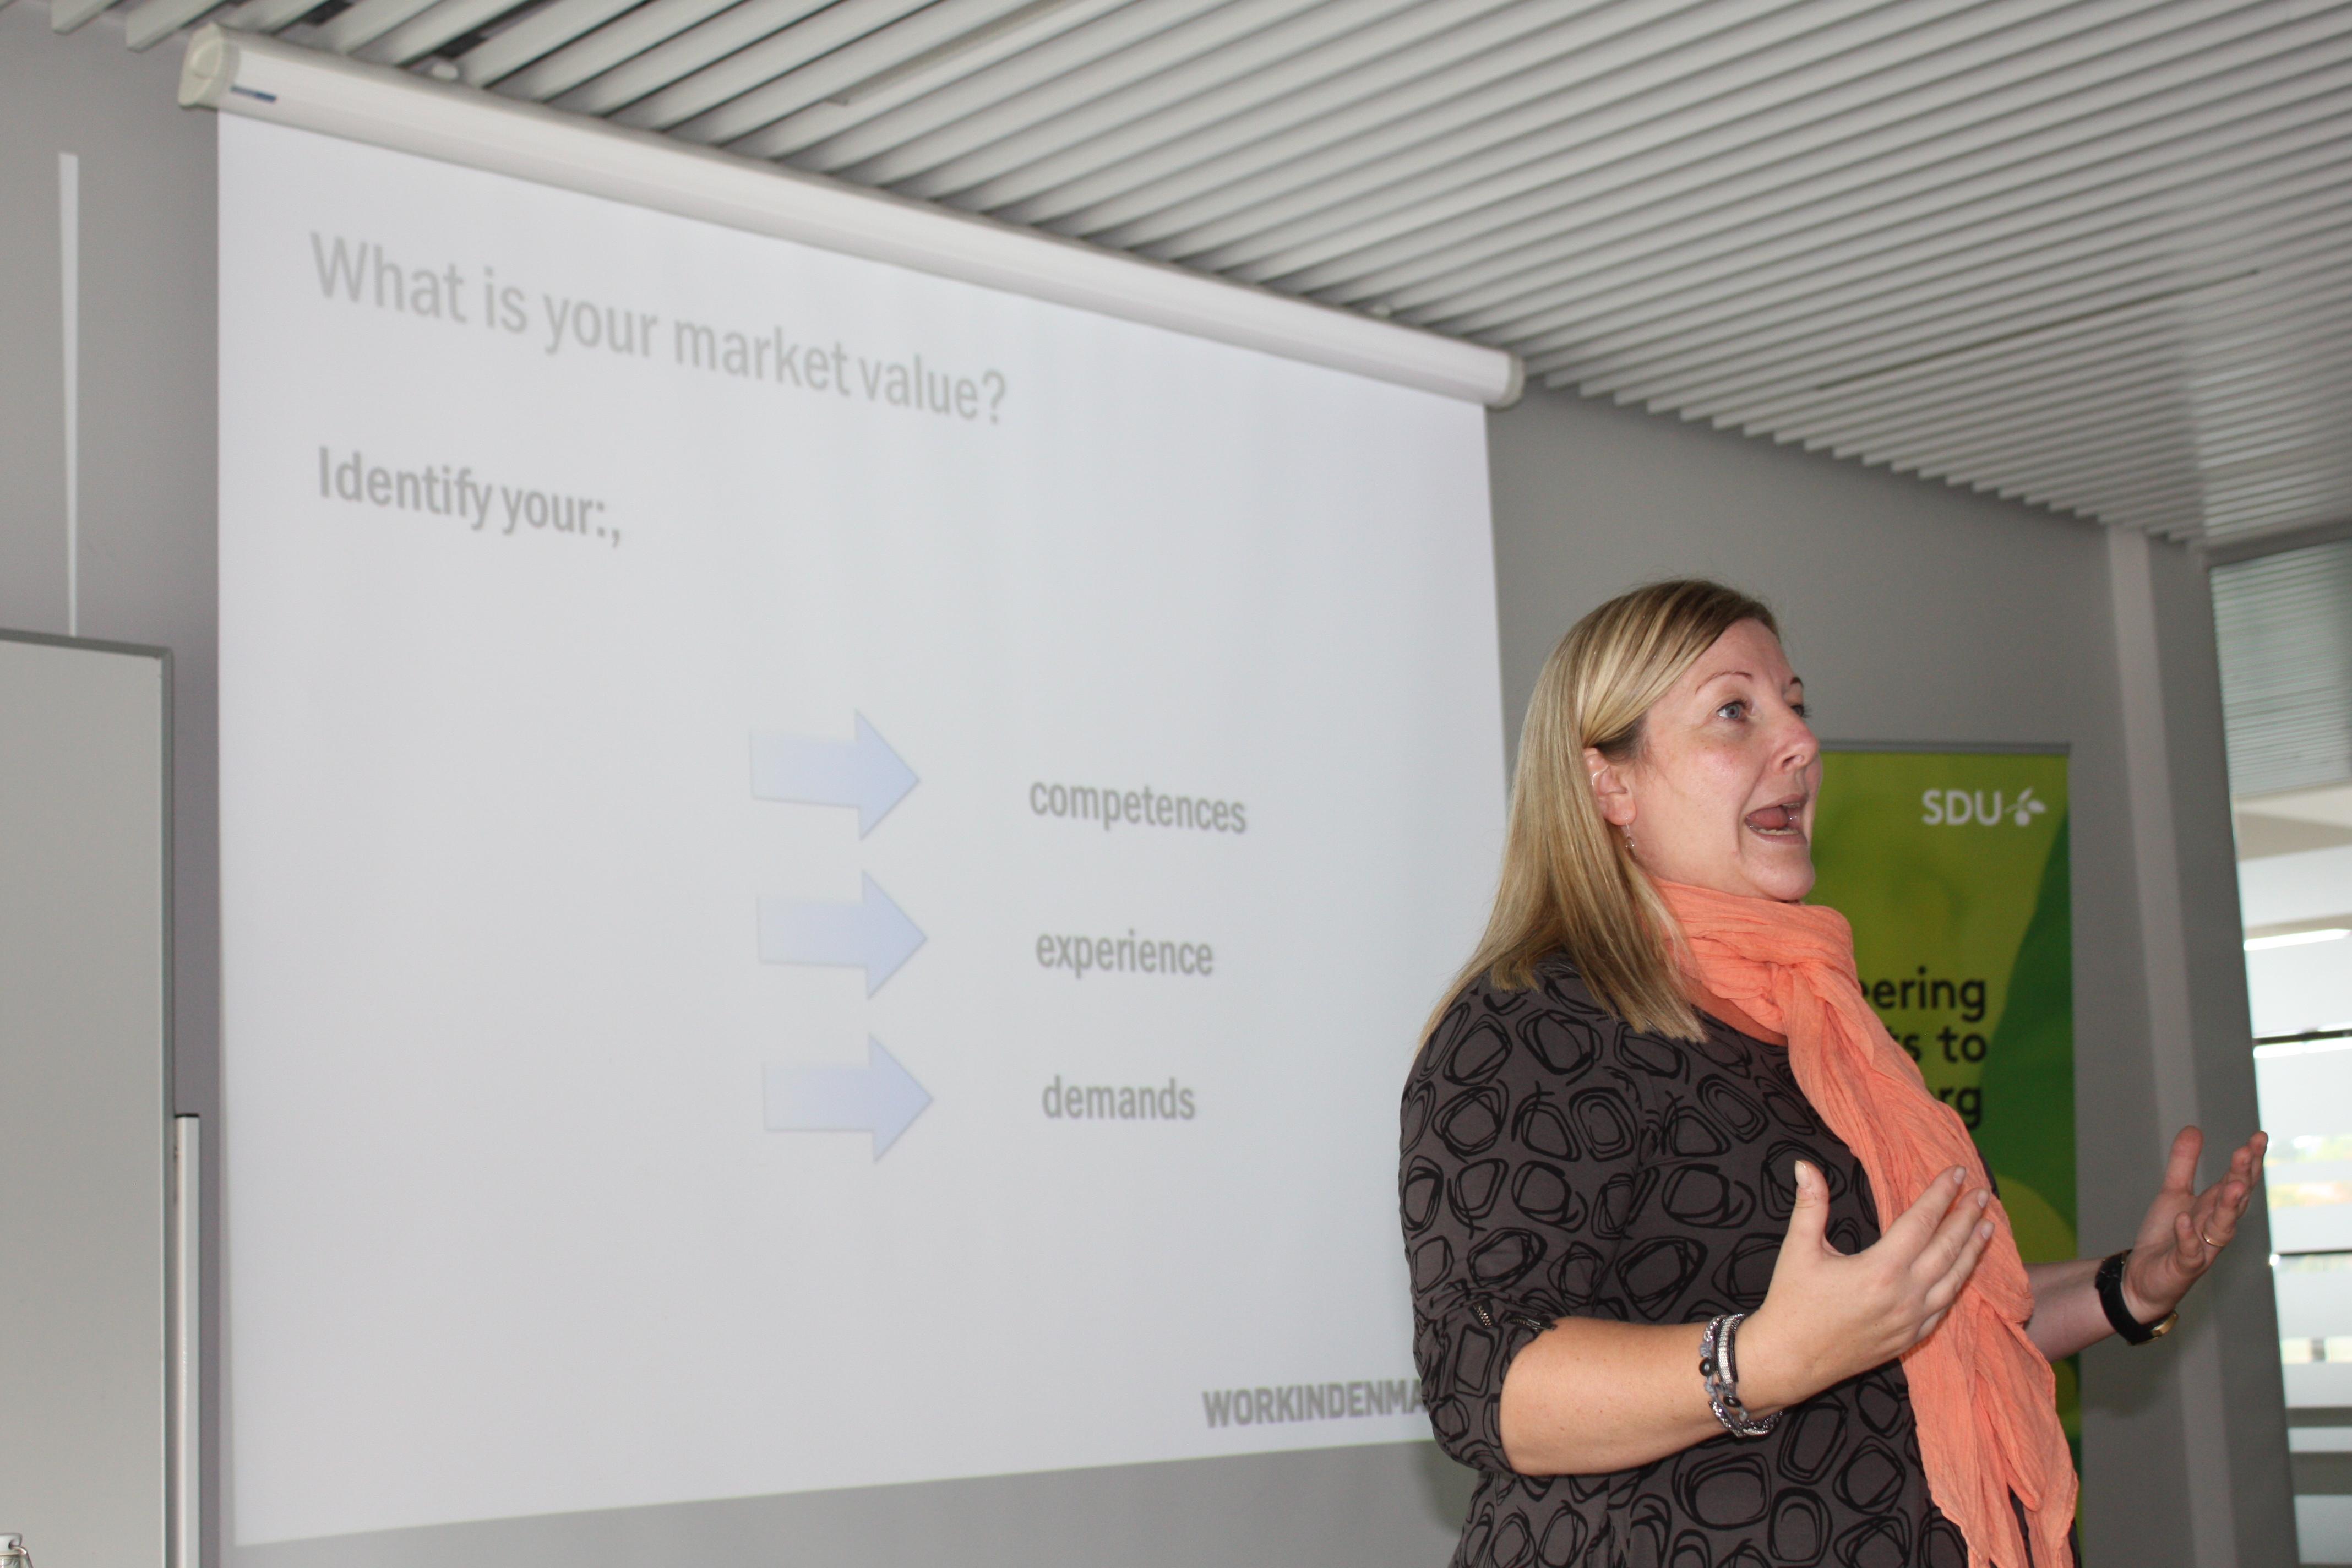 WorkinDenmark CV Workshop